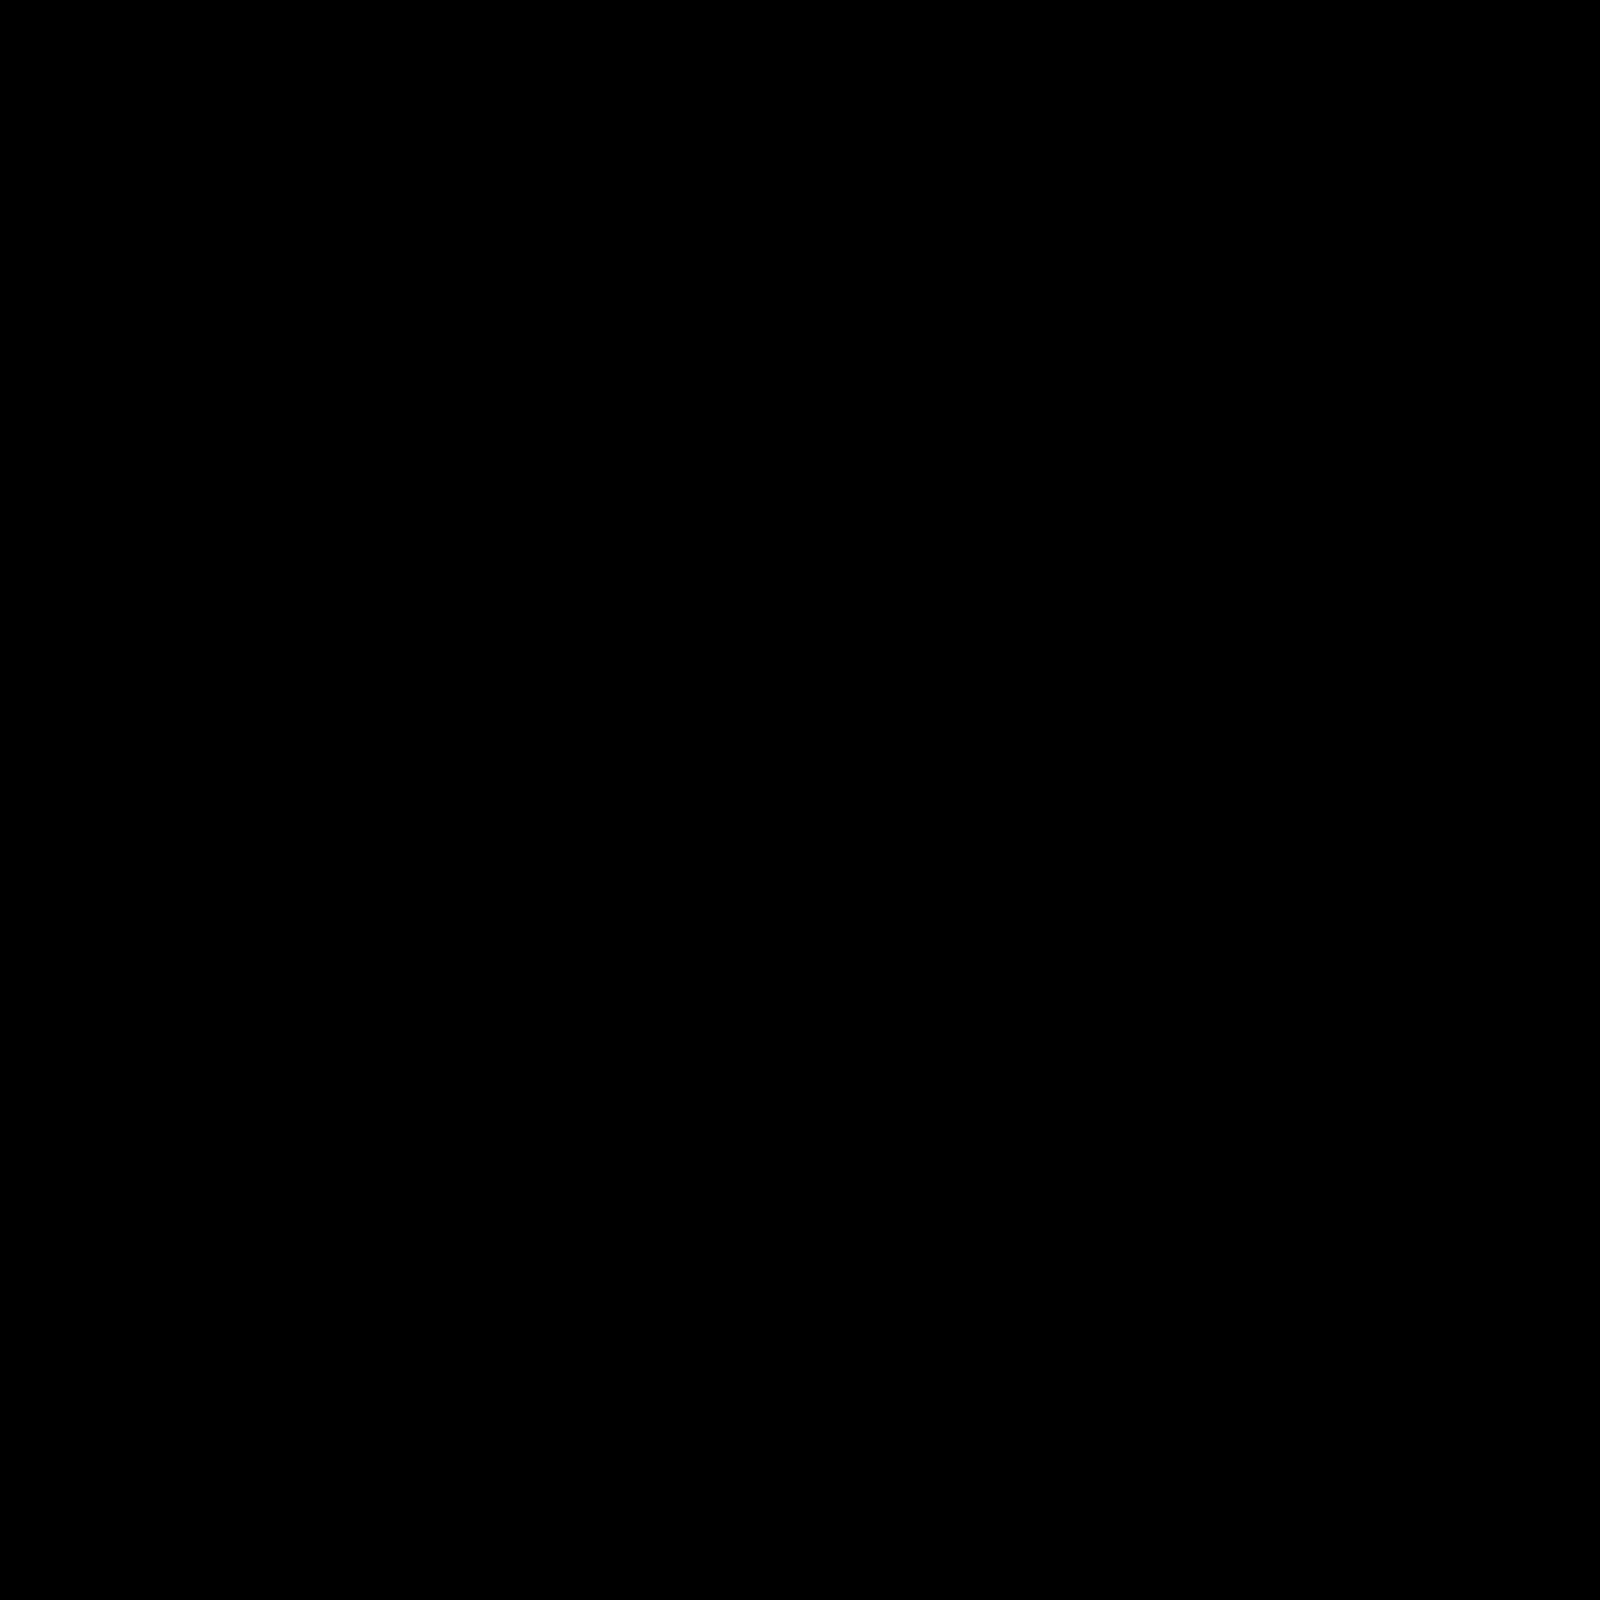 Github 2 icon